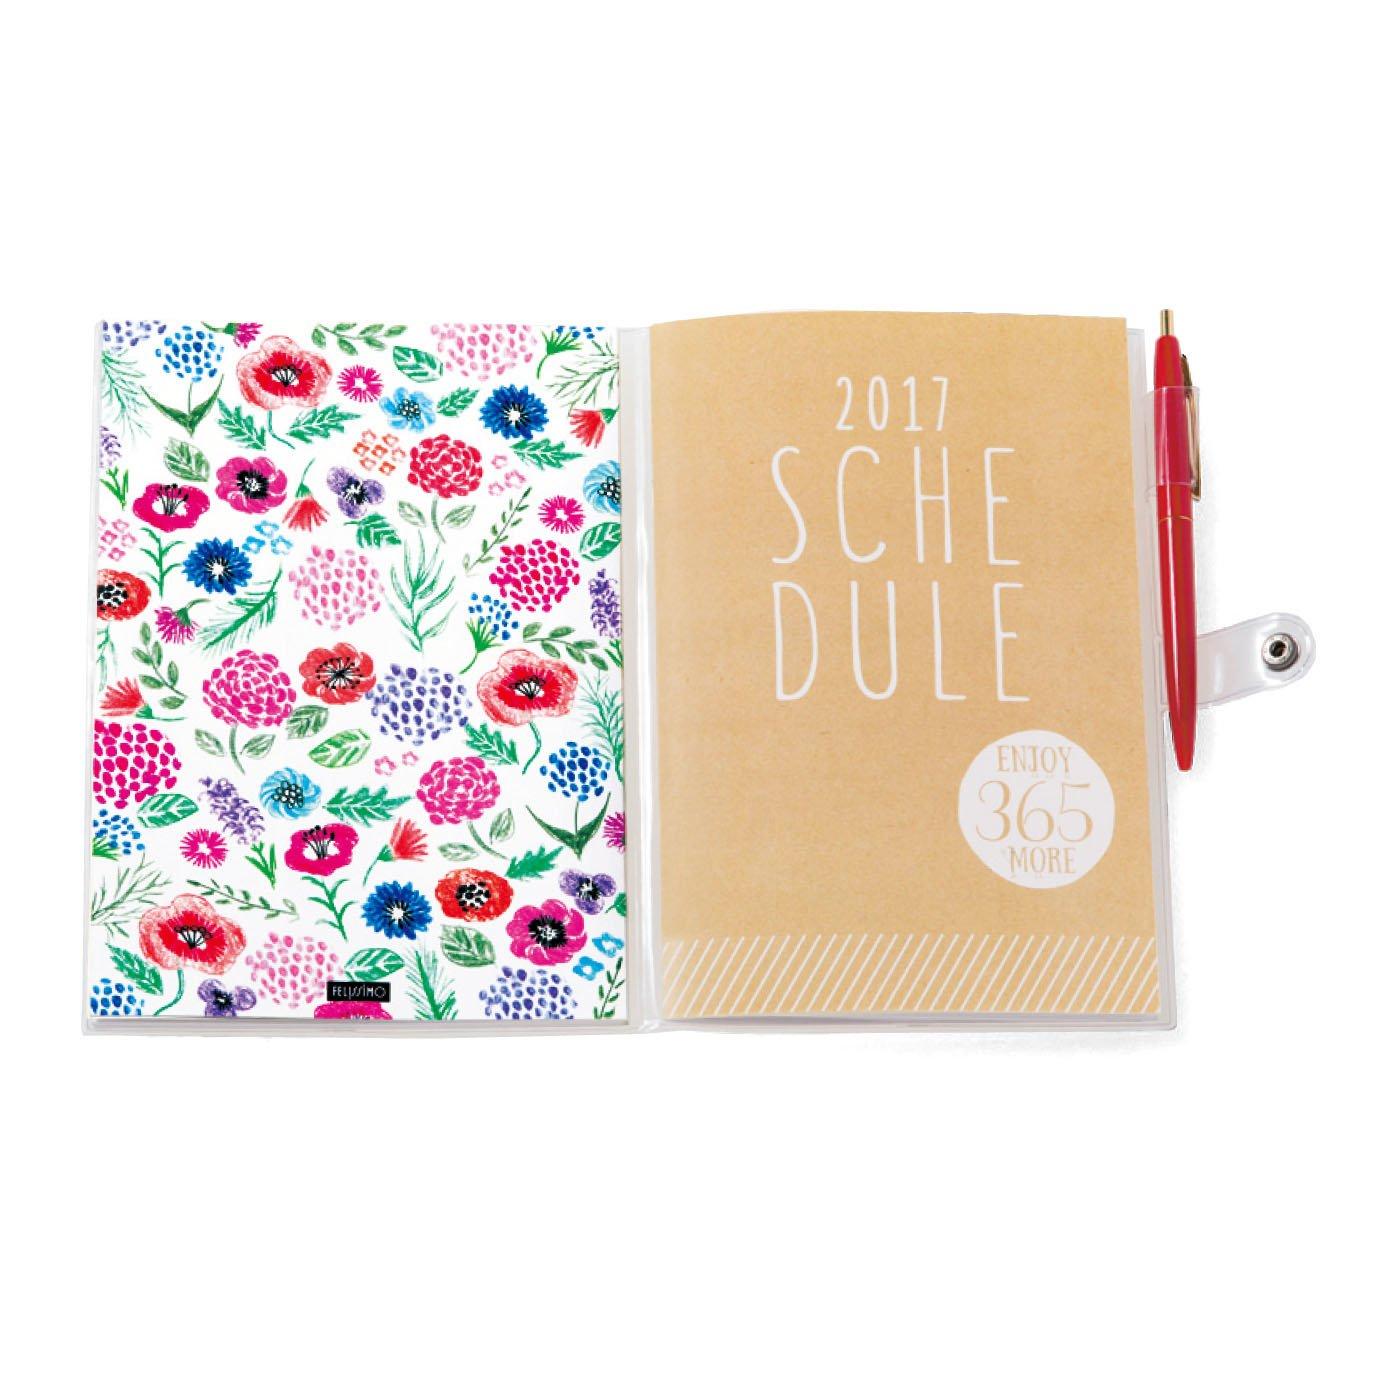 JOYMO コンテンツ冊子とスケジュール冊子を 一緒に入れられる透明カバー